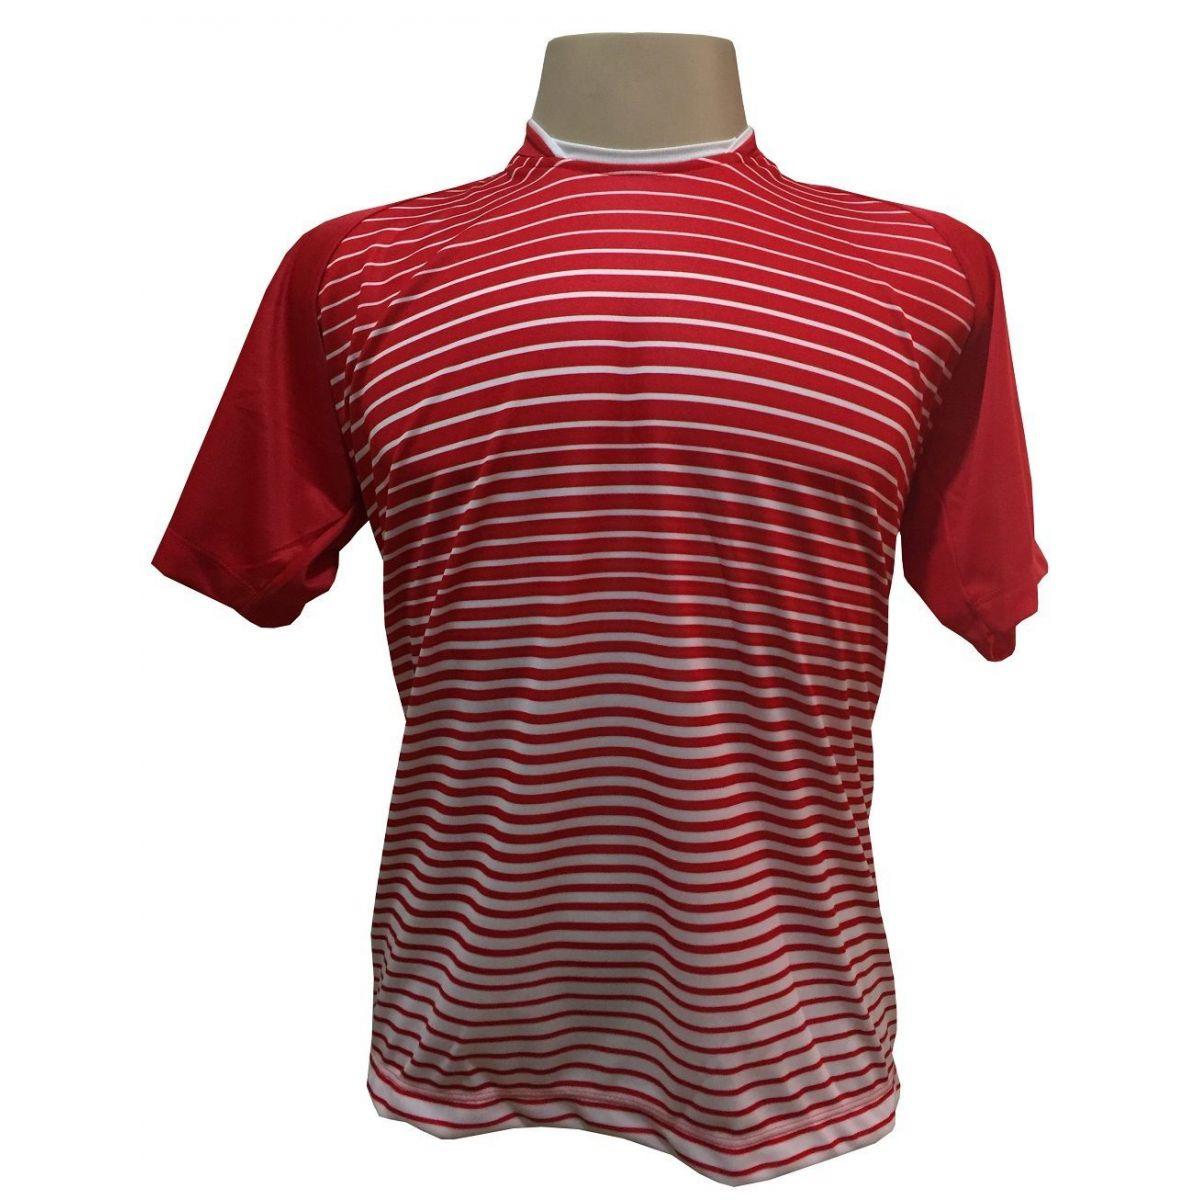 Fardamento Completo modelo City 12+1 (12 Camisas Vermelho/Branco + 12 Calções Copa Vermelho/Branco + 12 Pares de Meiões Vermelhos + 1 Conjunto de Goleiro) + Brindes